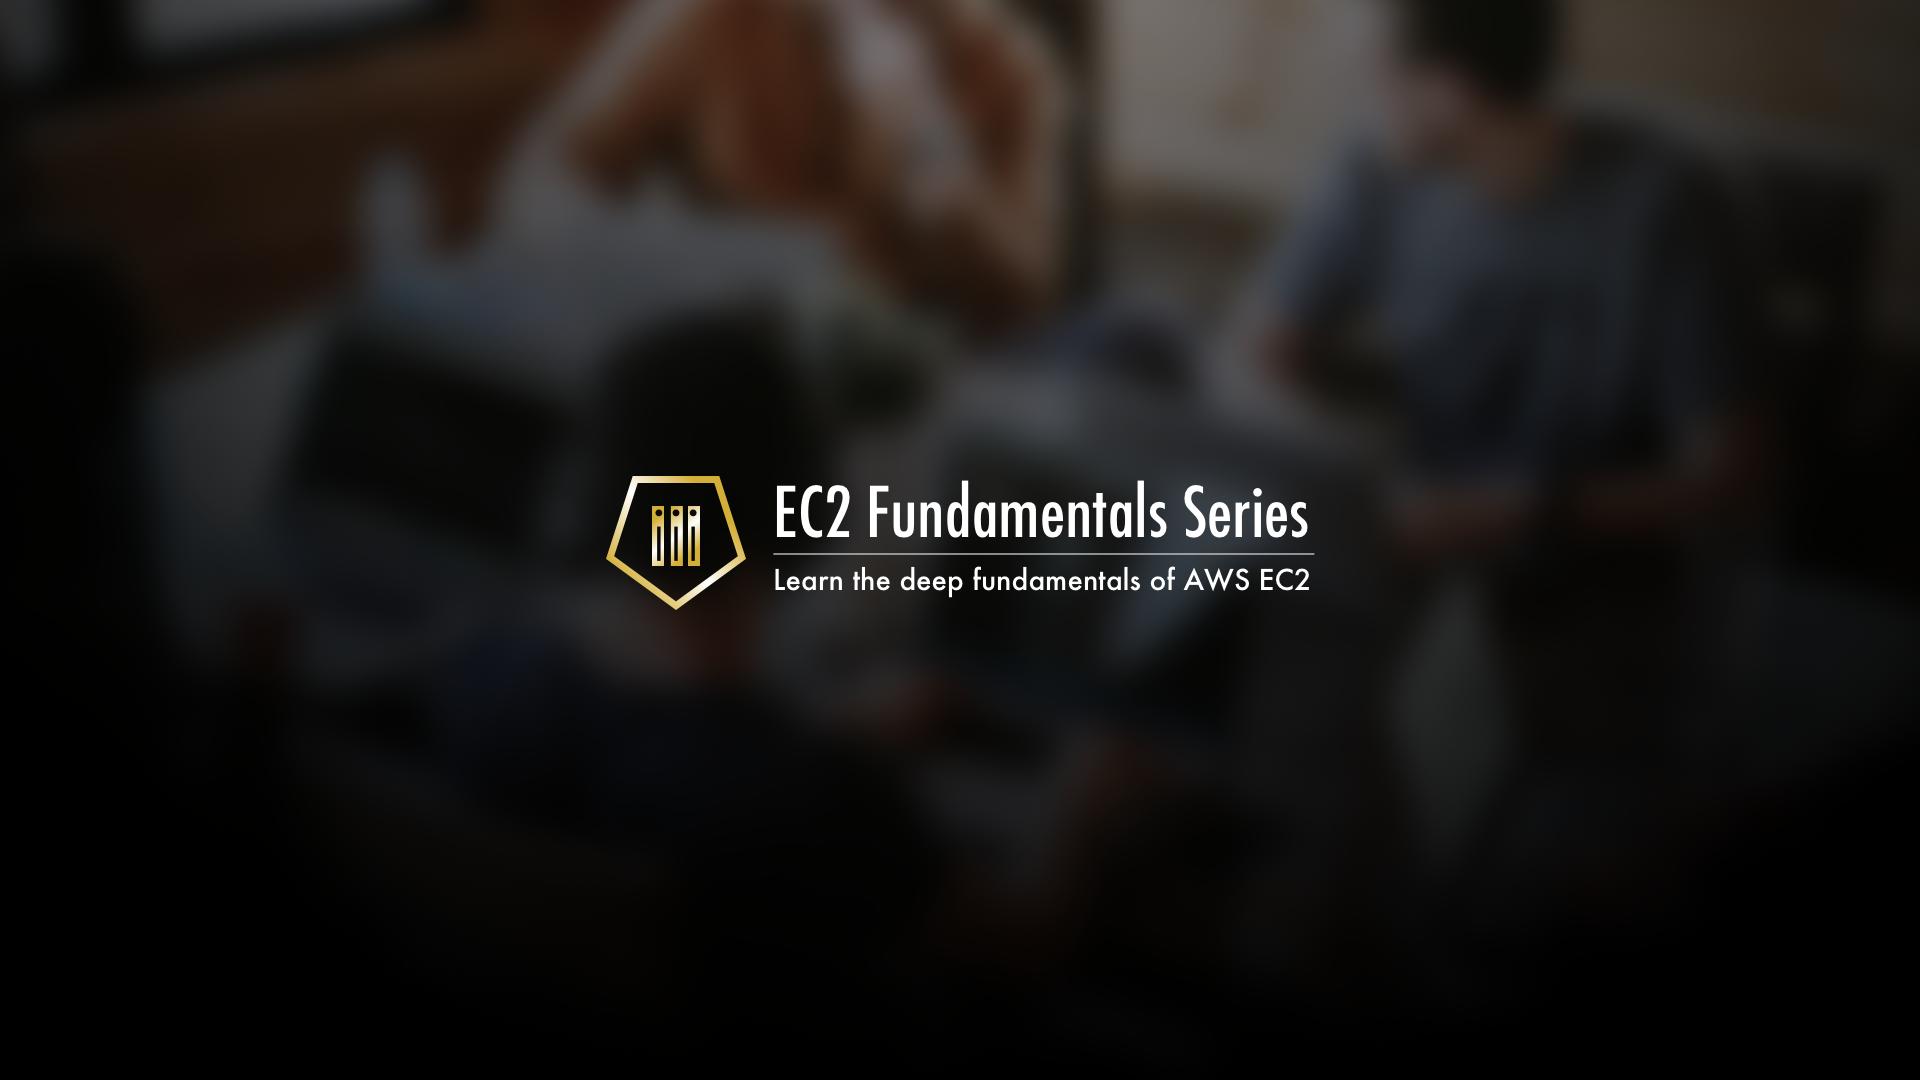 EC2 Fundamentals - Learn the Deep Fundamentals of AWS Elastic Cloud Compute